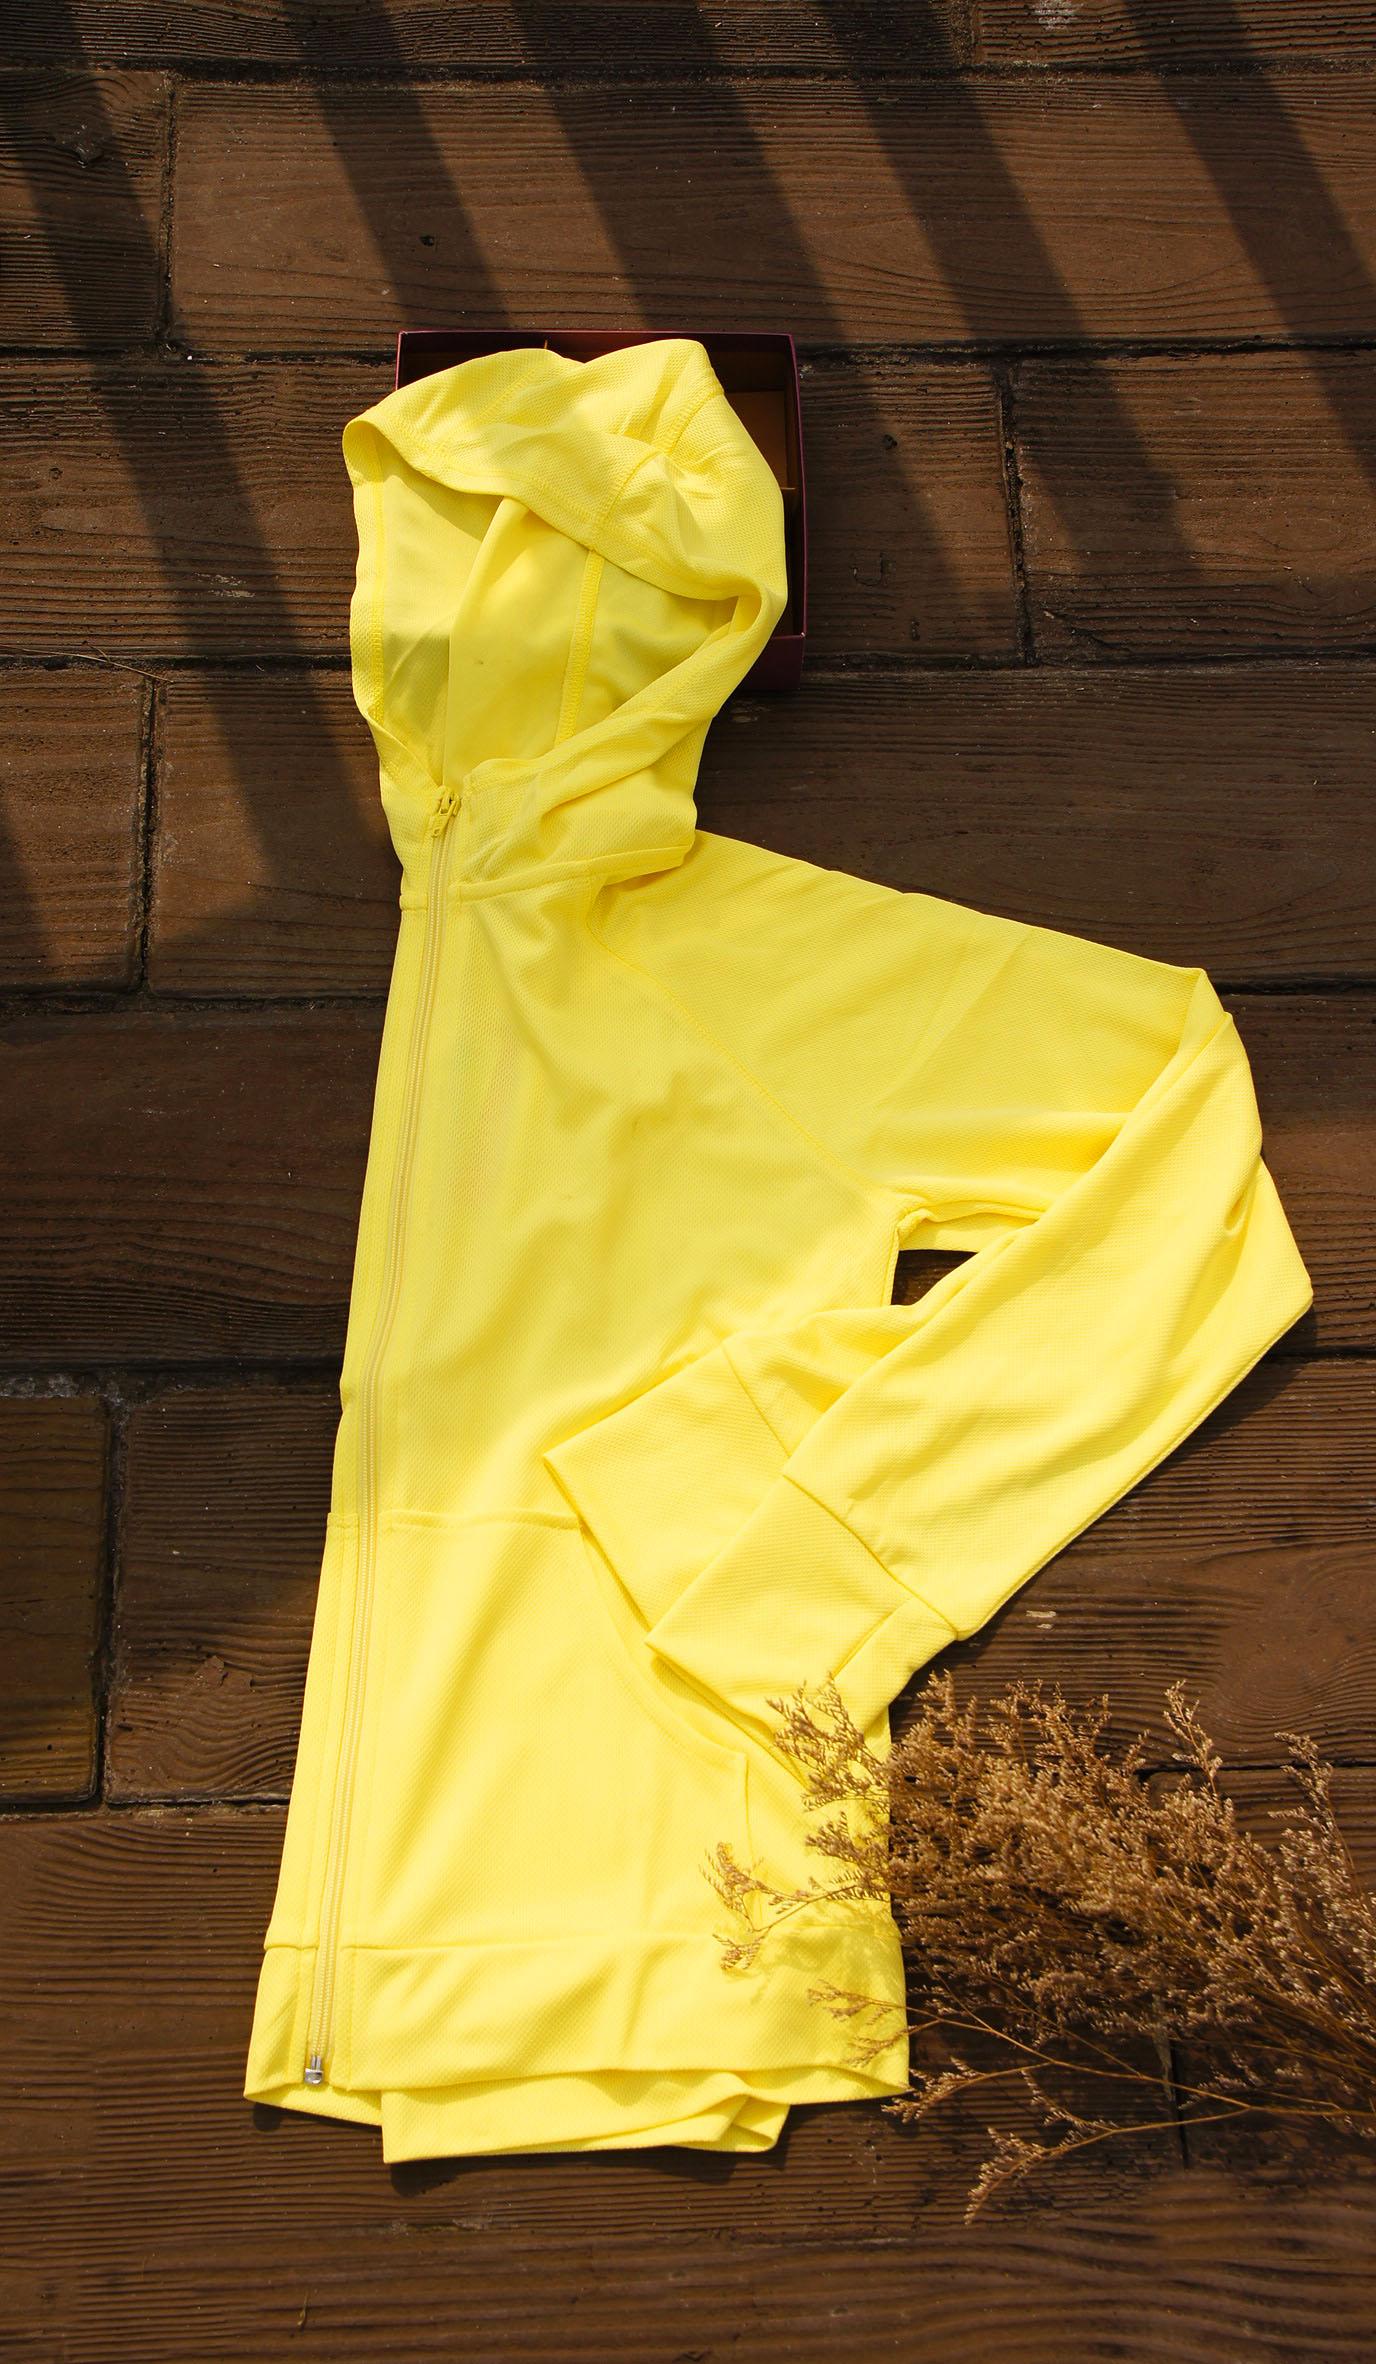 女外套*女裝*機能外套【防蚊防曬女外套*騎機車的防護衣*便宜,輕便,時髦流行*大號的男性也可穿】 3